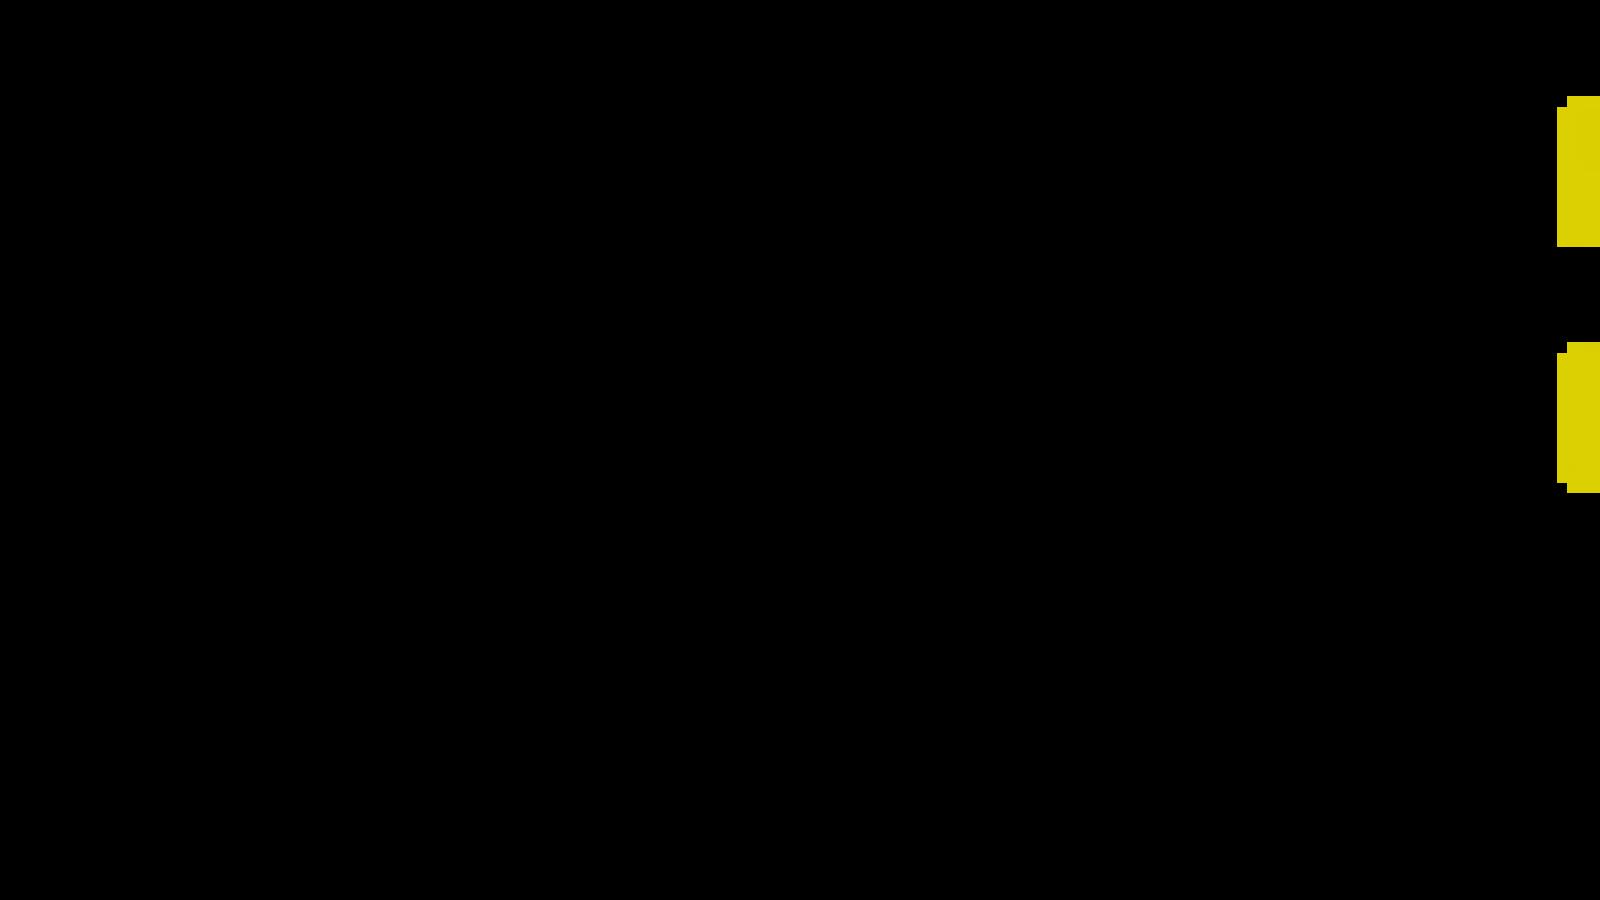 TecnoBit-Negro-Amarillo-331x84-1